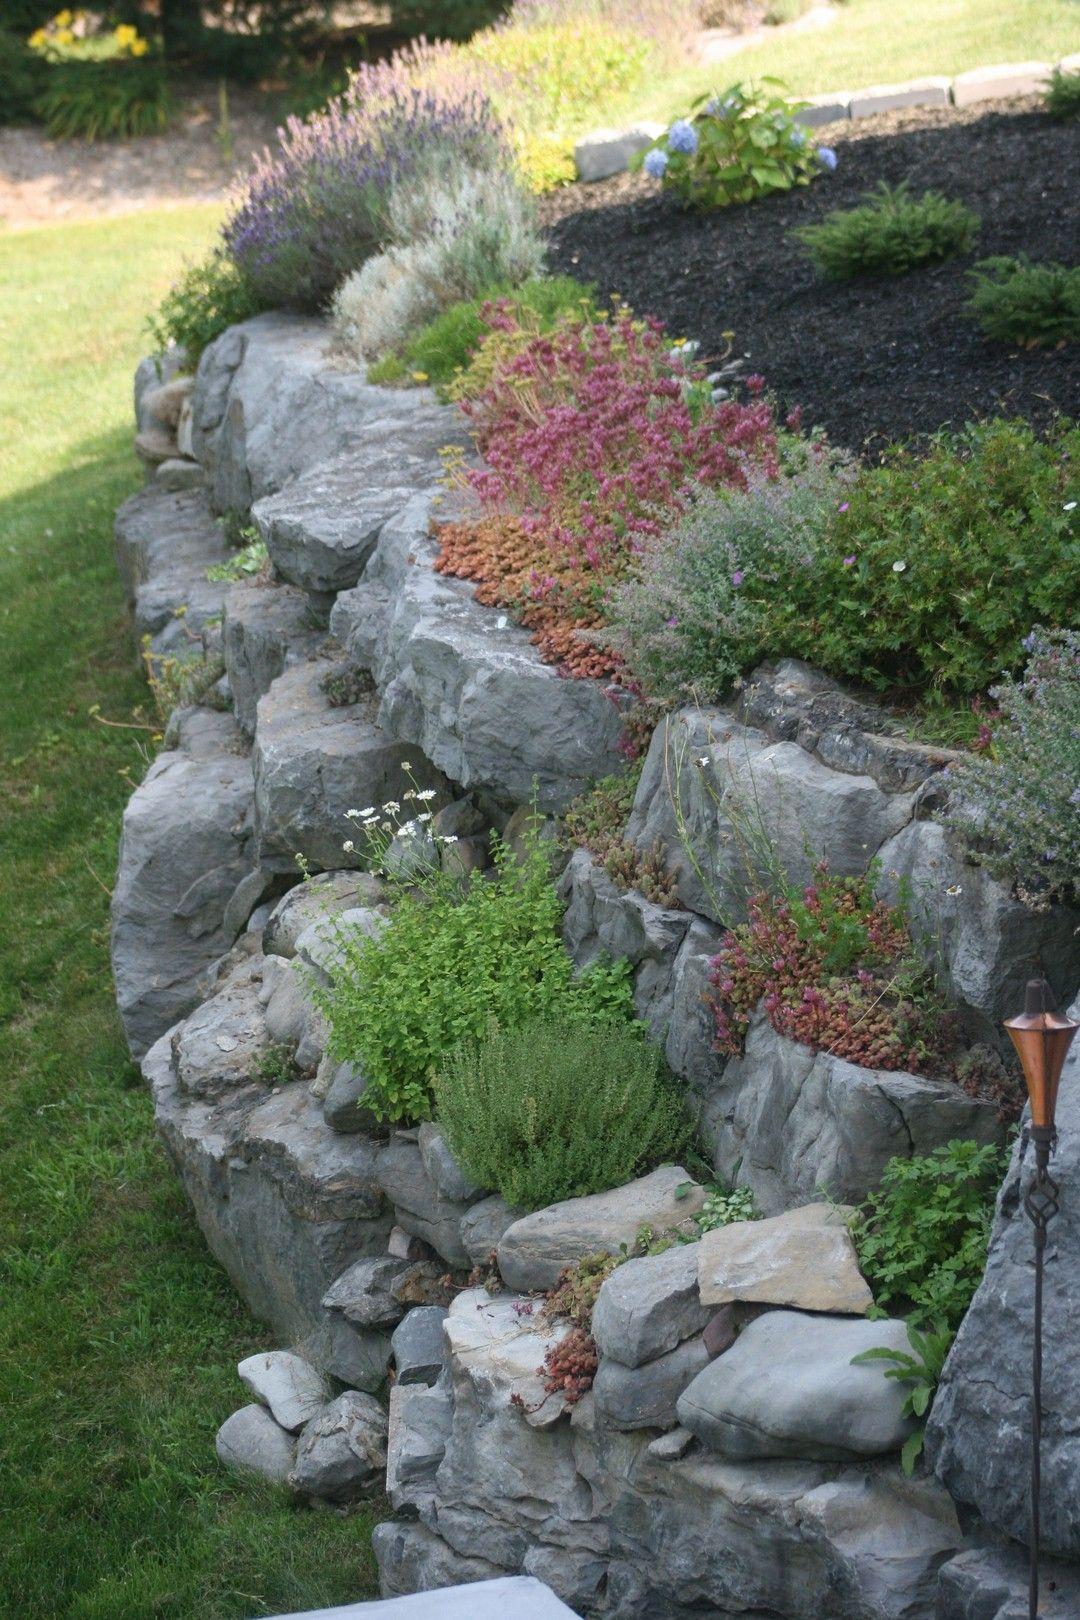 35 Rock Gartengestaltung Ideen Die Sie Begeistern Wird - Diy Kunst #gartengestaltungideen